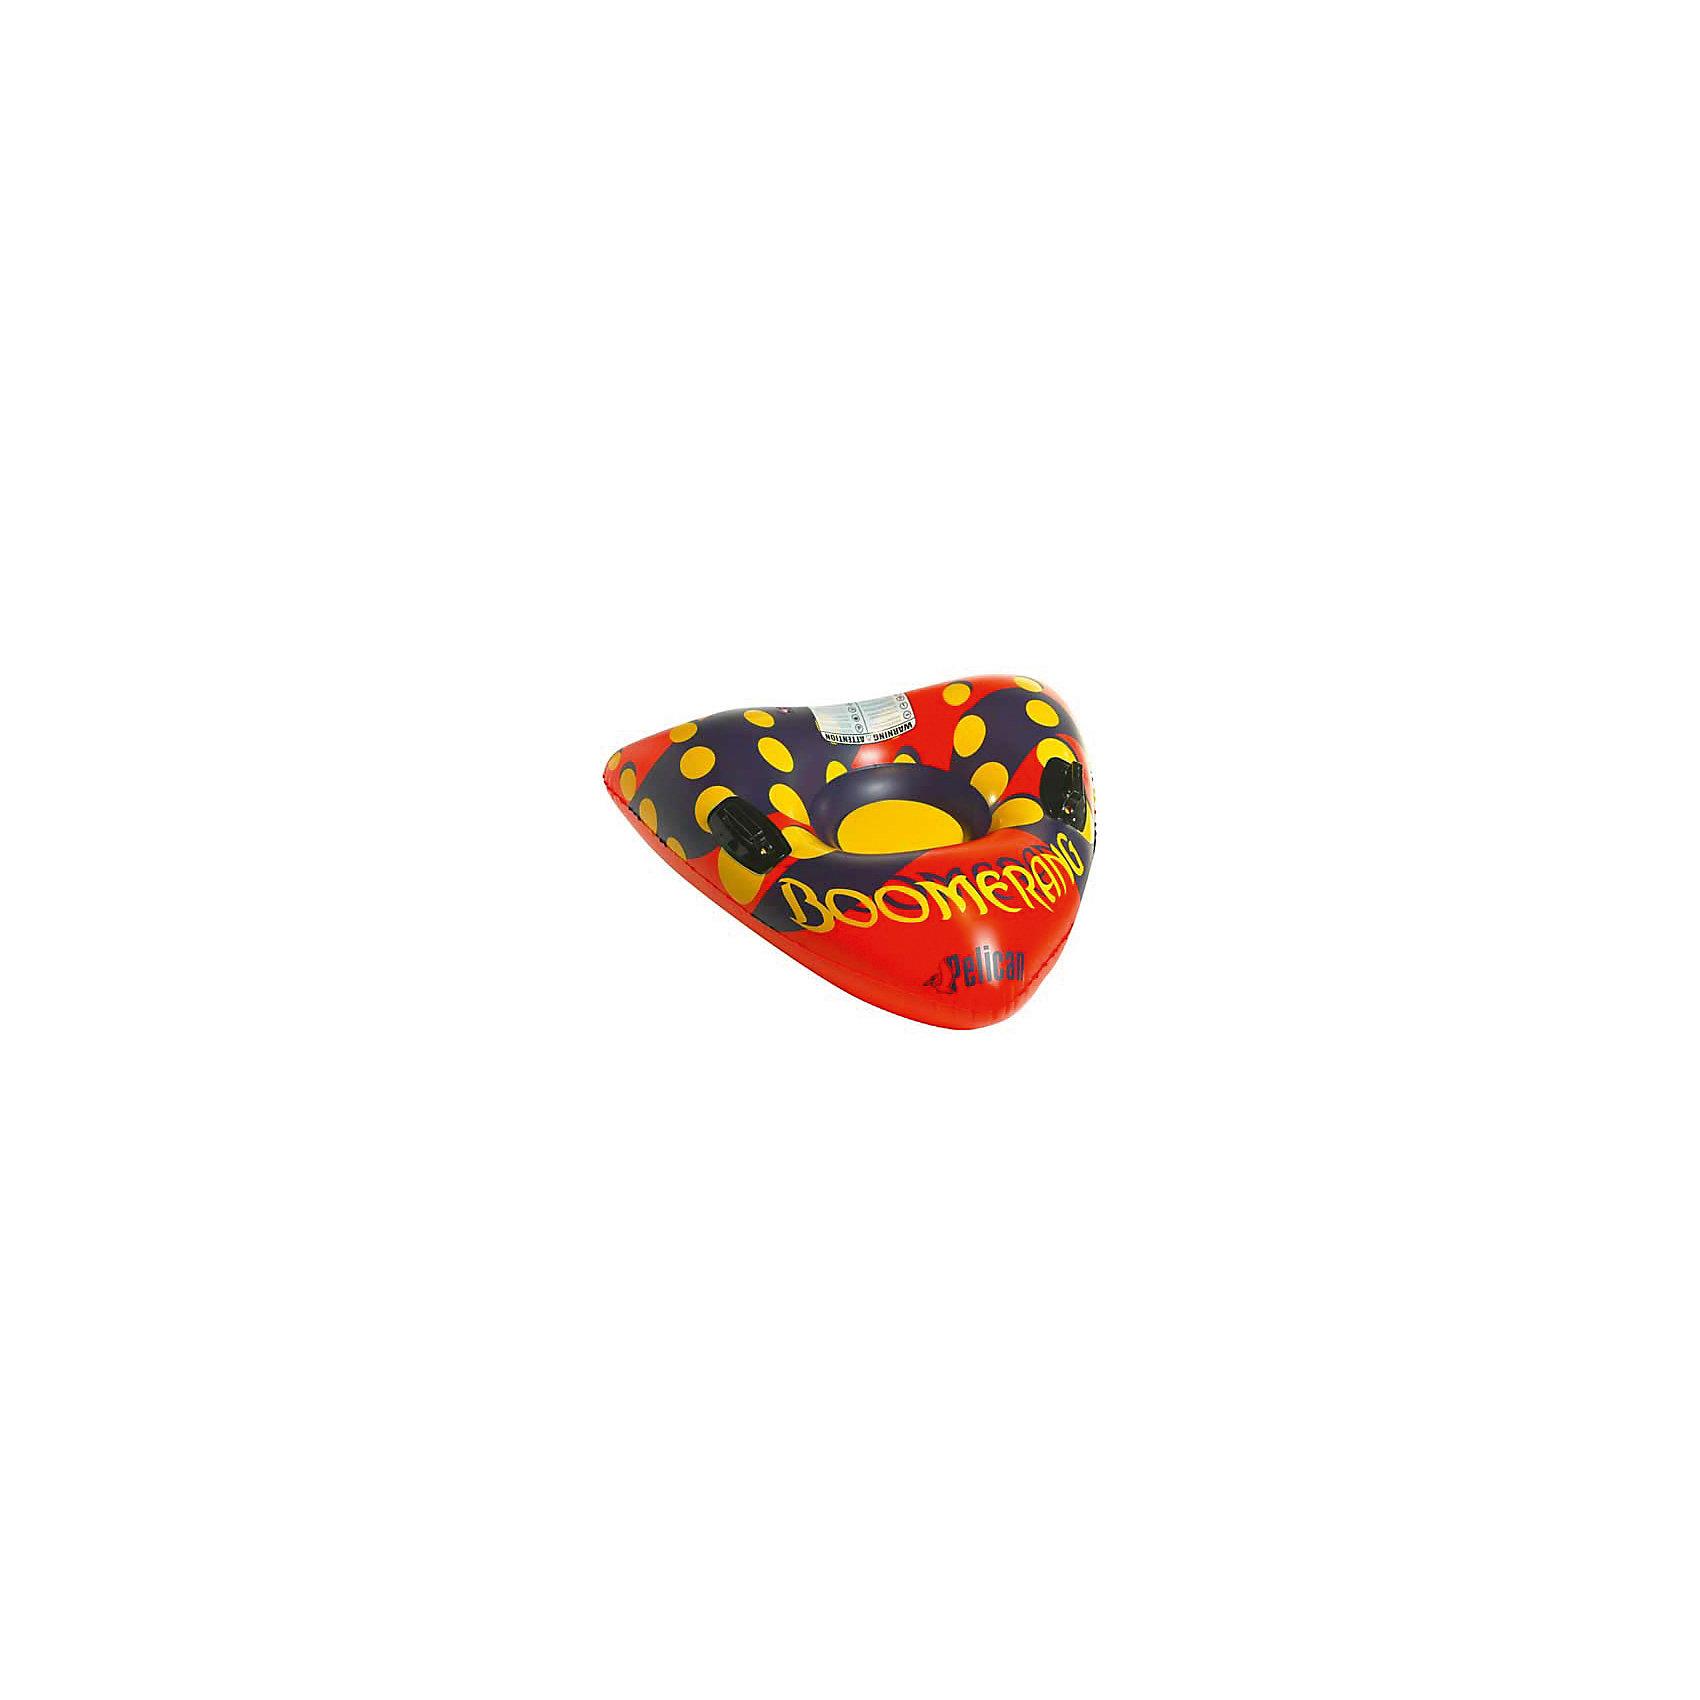 - Надувные санки Пеликан Boomerang санки galaxy мишутка 1 универсал оранжевые